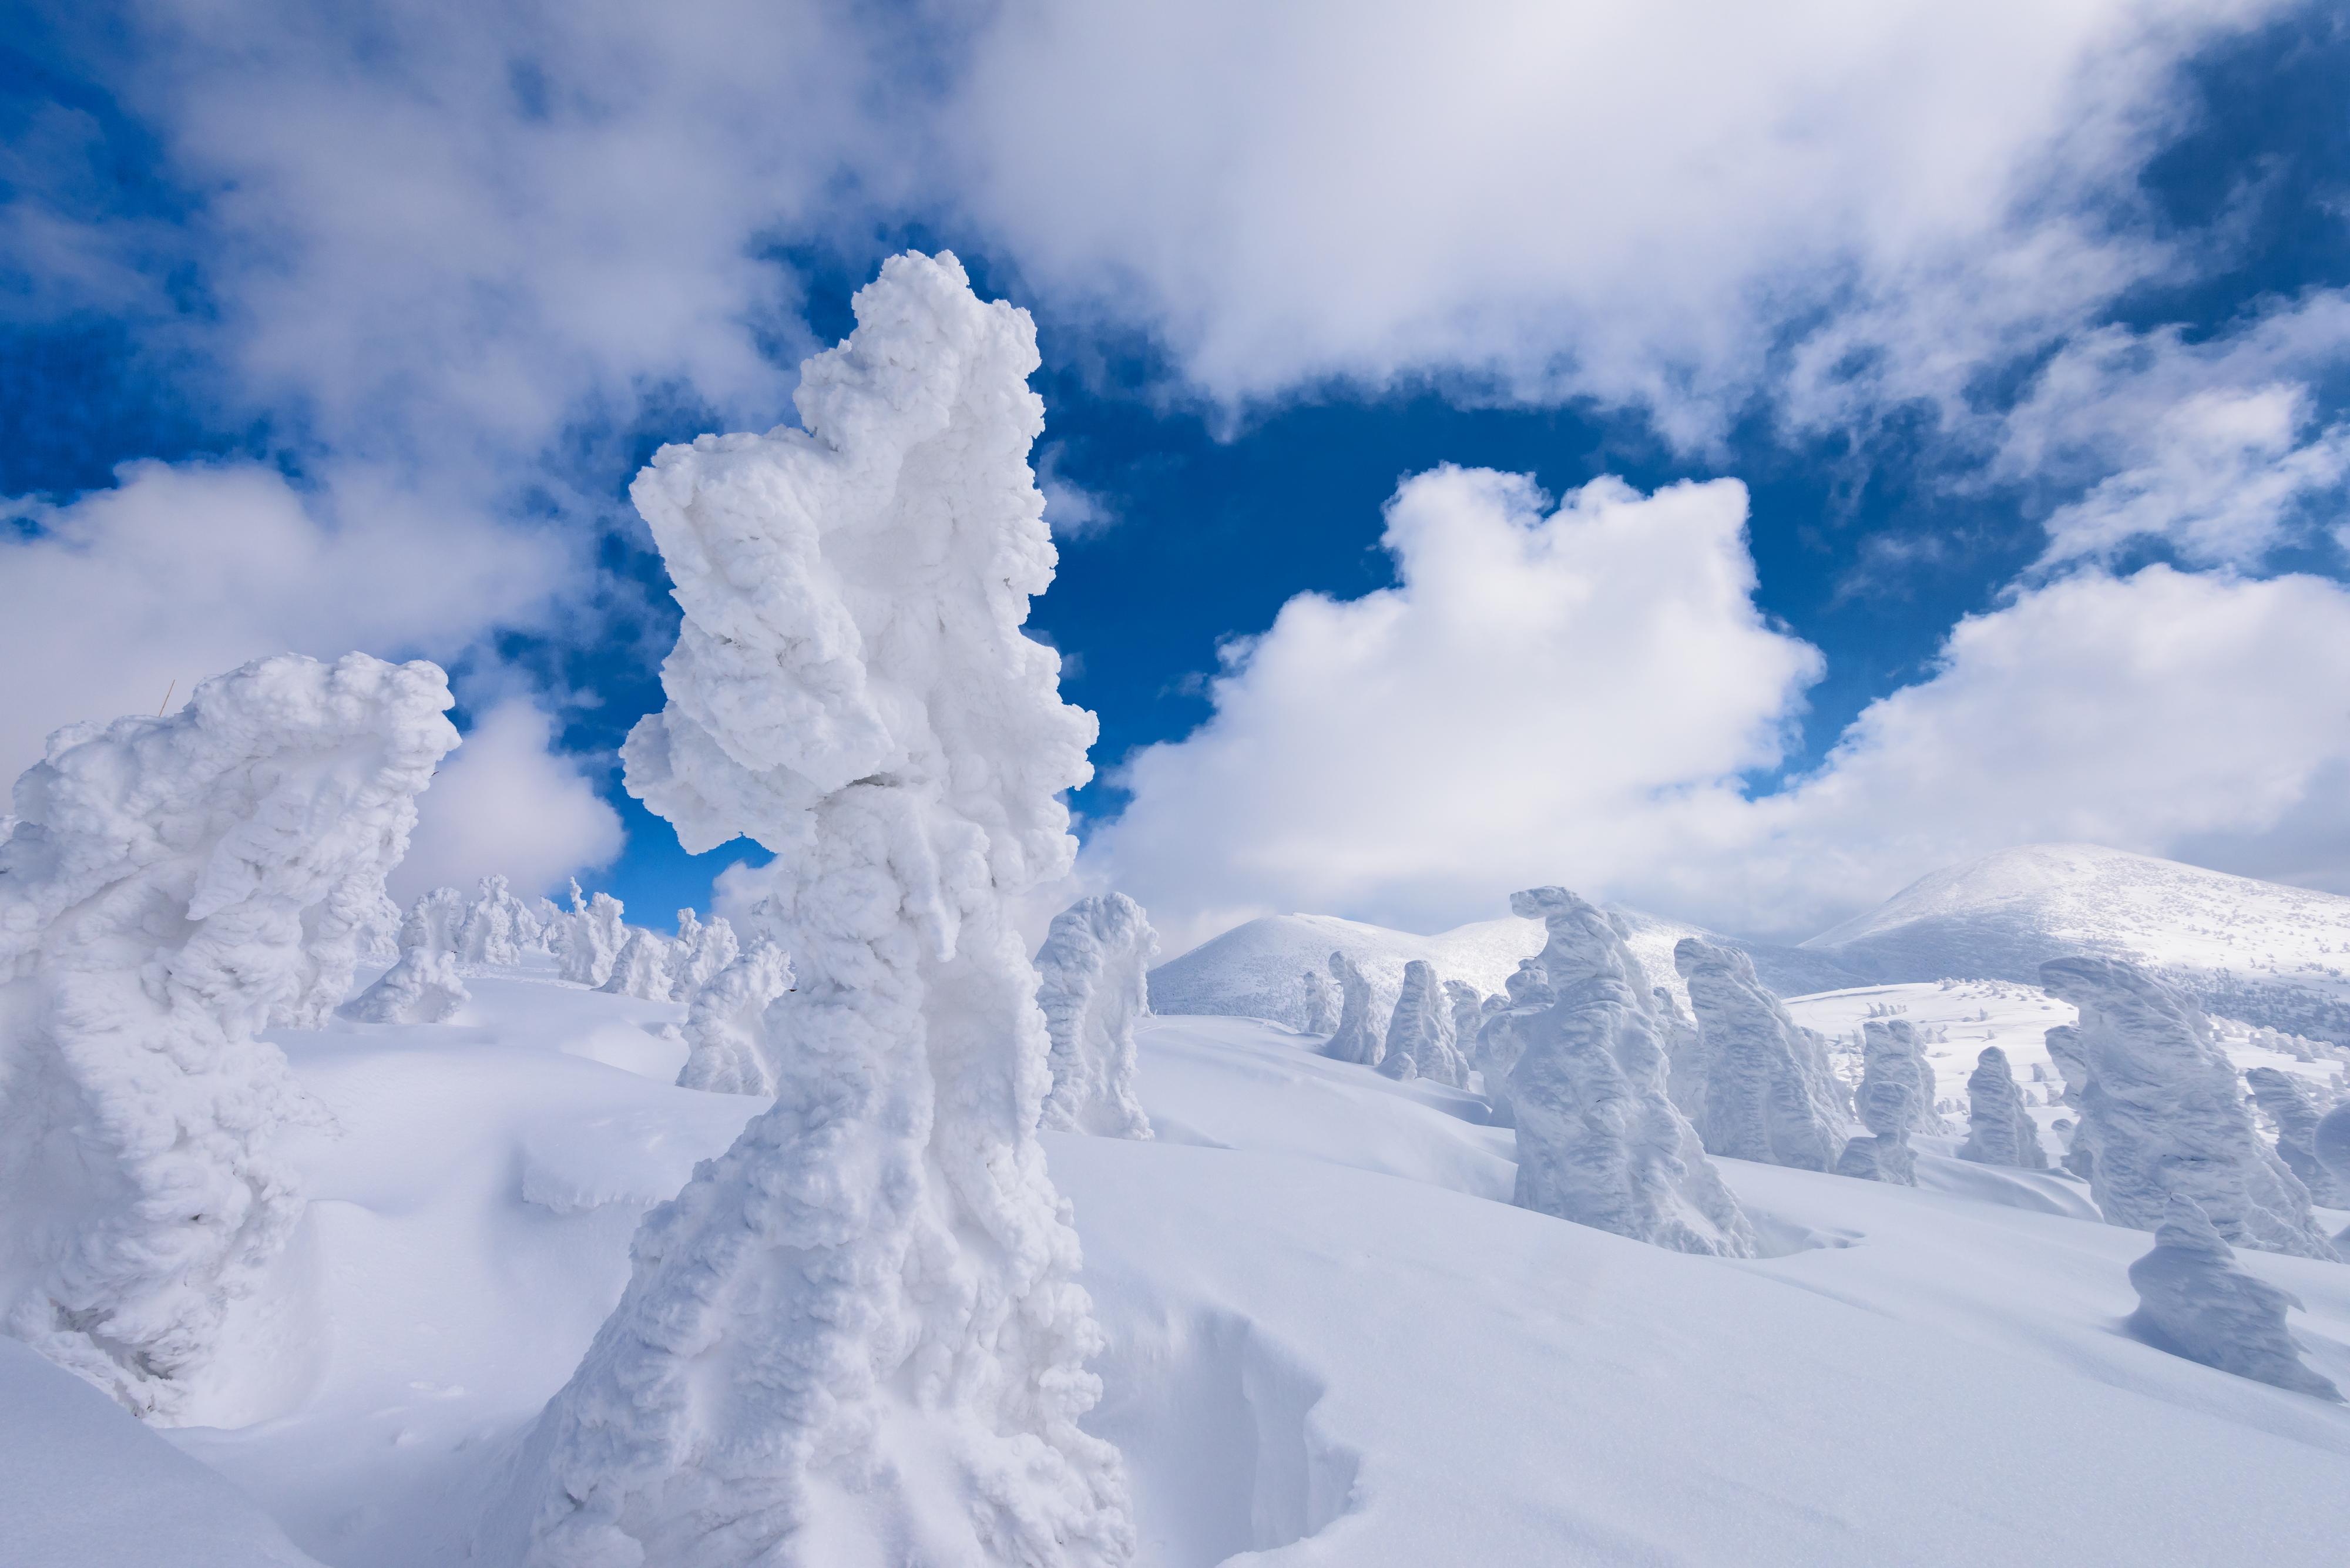 ラニーニャもエルニーニョもない今年のスキー場は雪不足?!雪がたくさん降るメカニズムと環境問題の関係は?